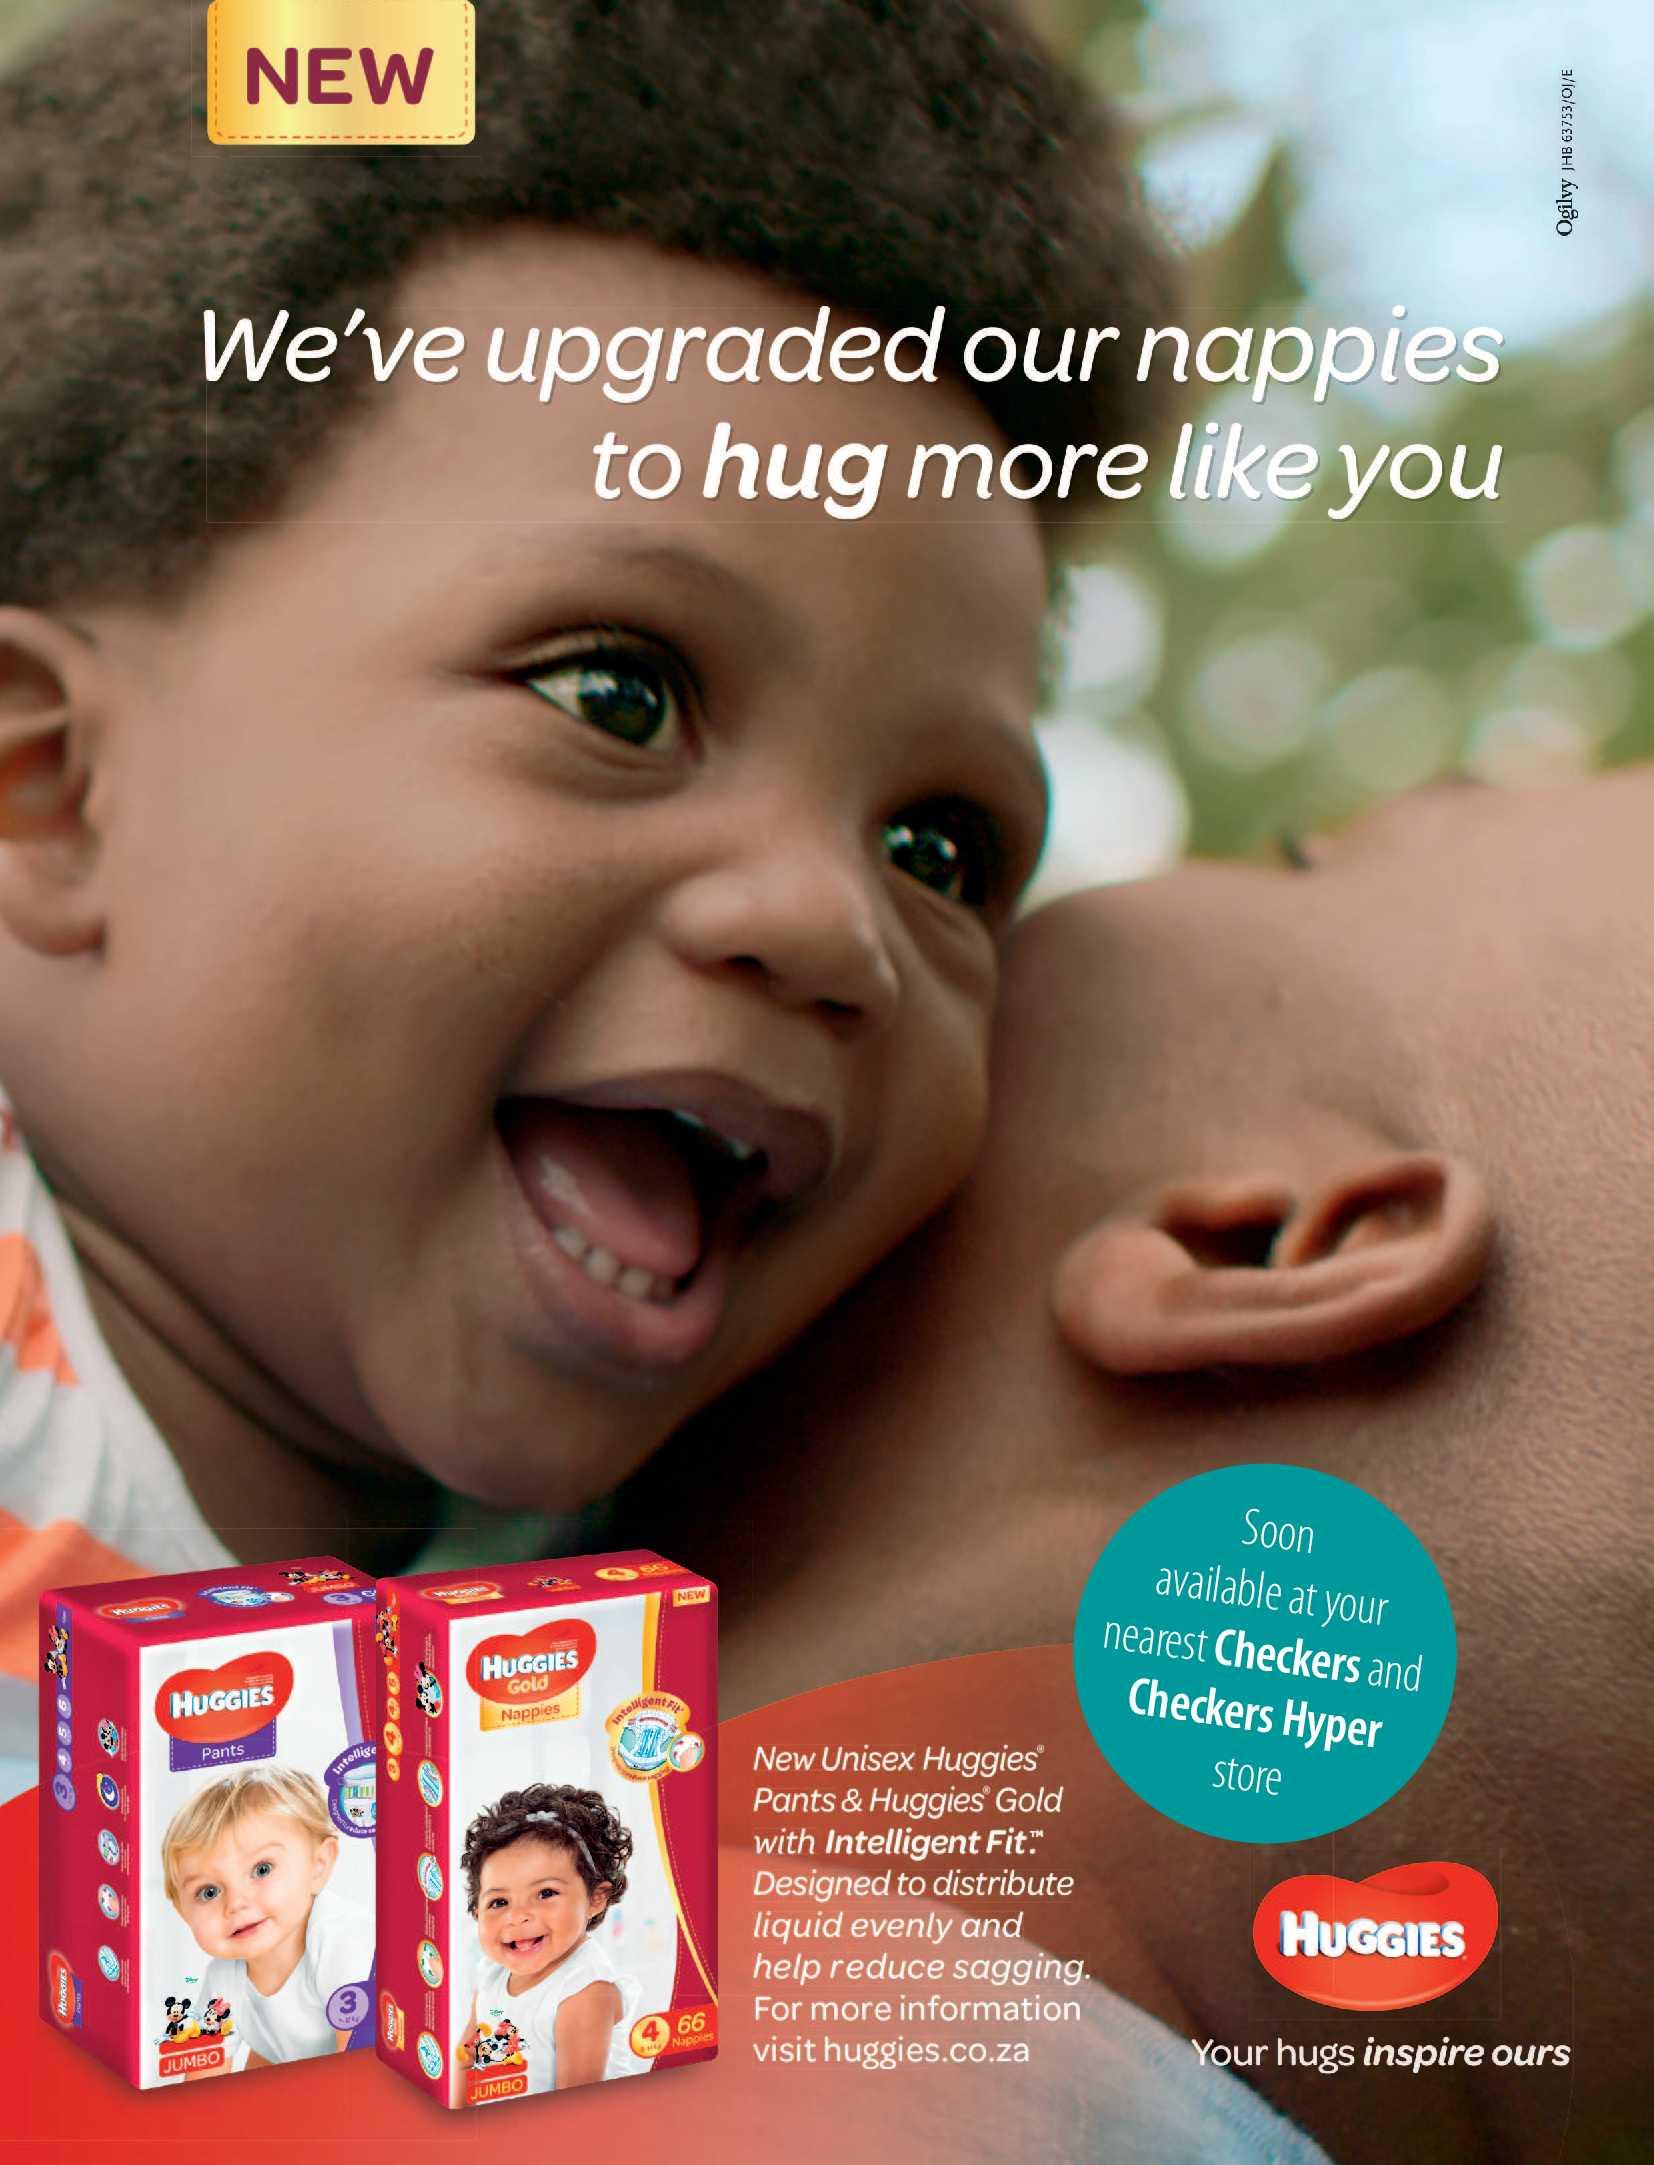 get-bloemfontein-september-2018-epapers-page-41